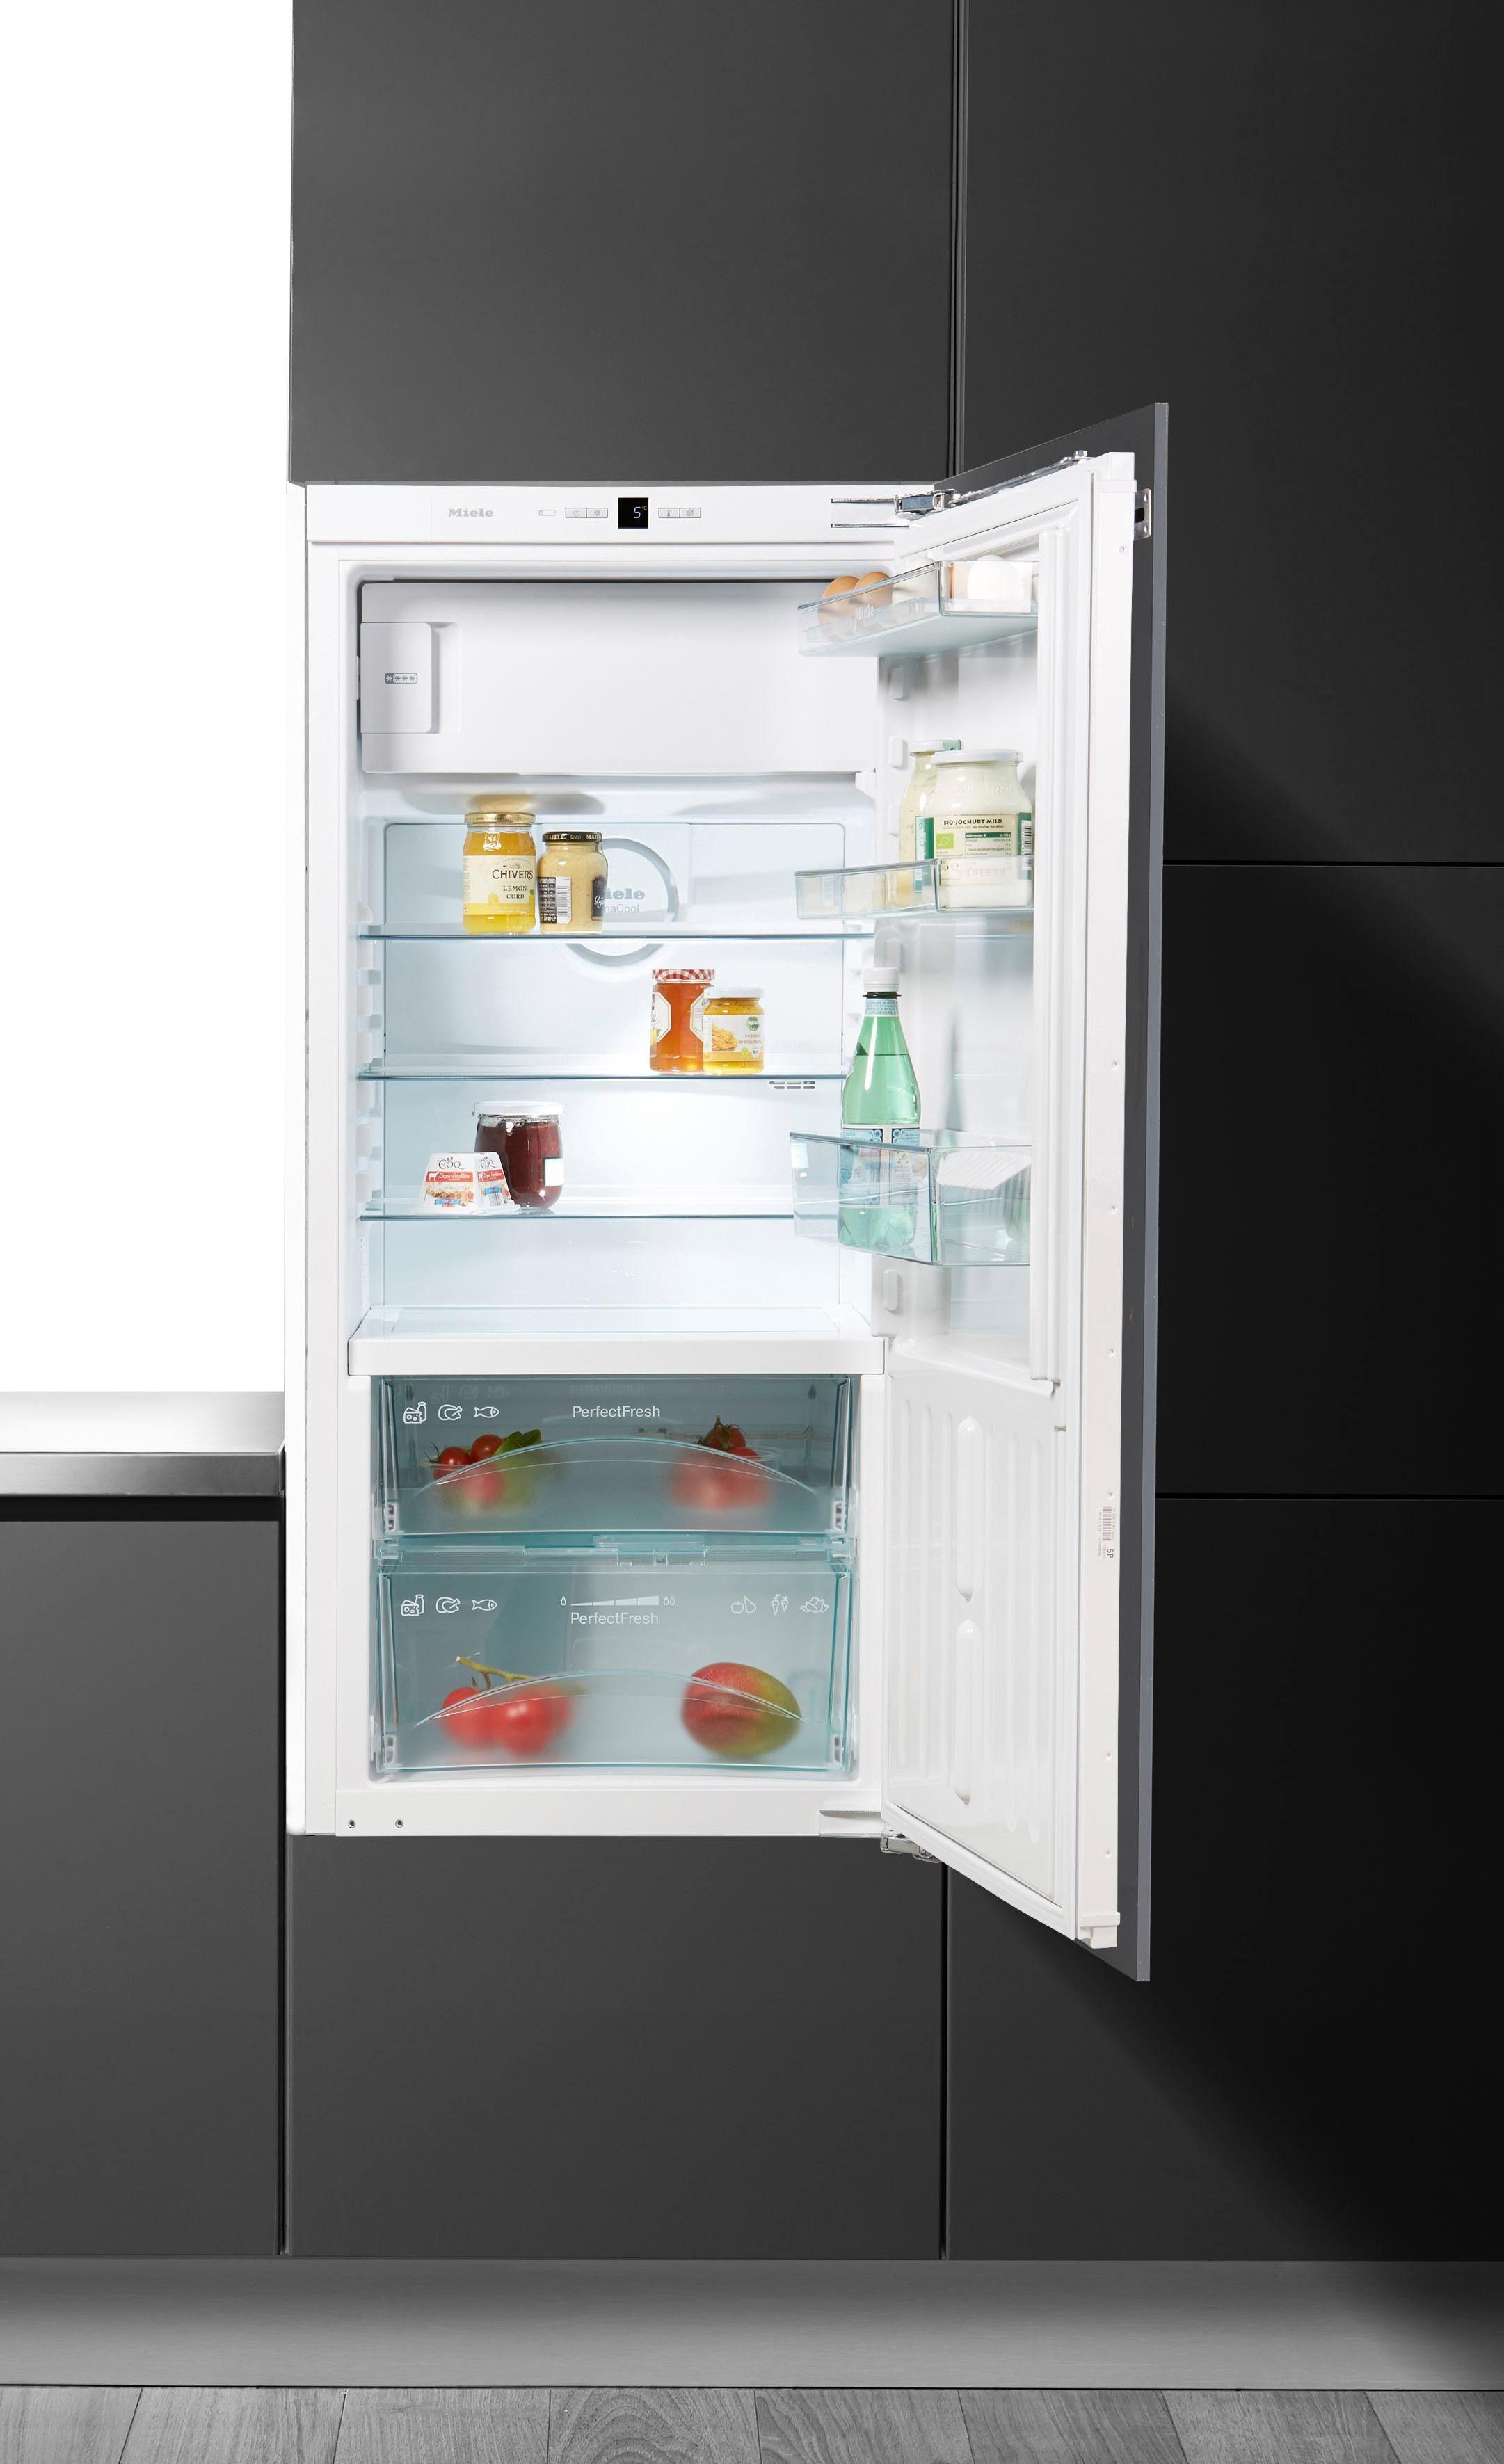 Miele Einbaukühlschrank K 34283 iDF, 121,8 cm hoch, 55,9 cm breit